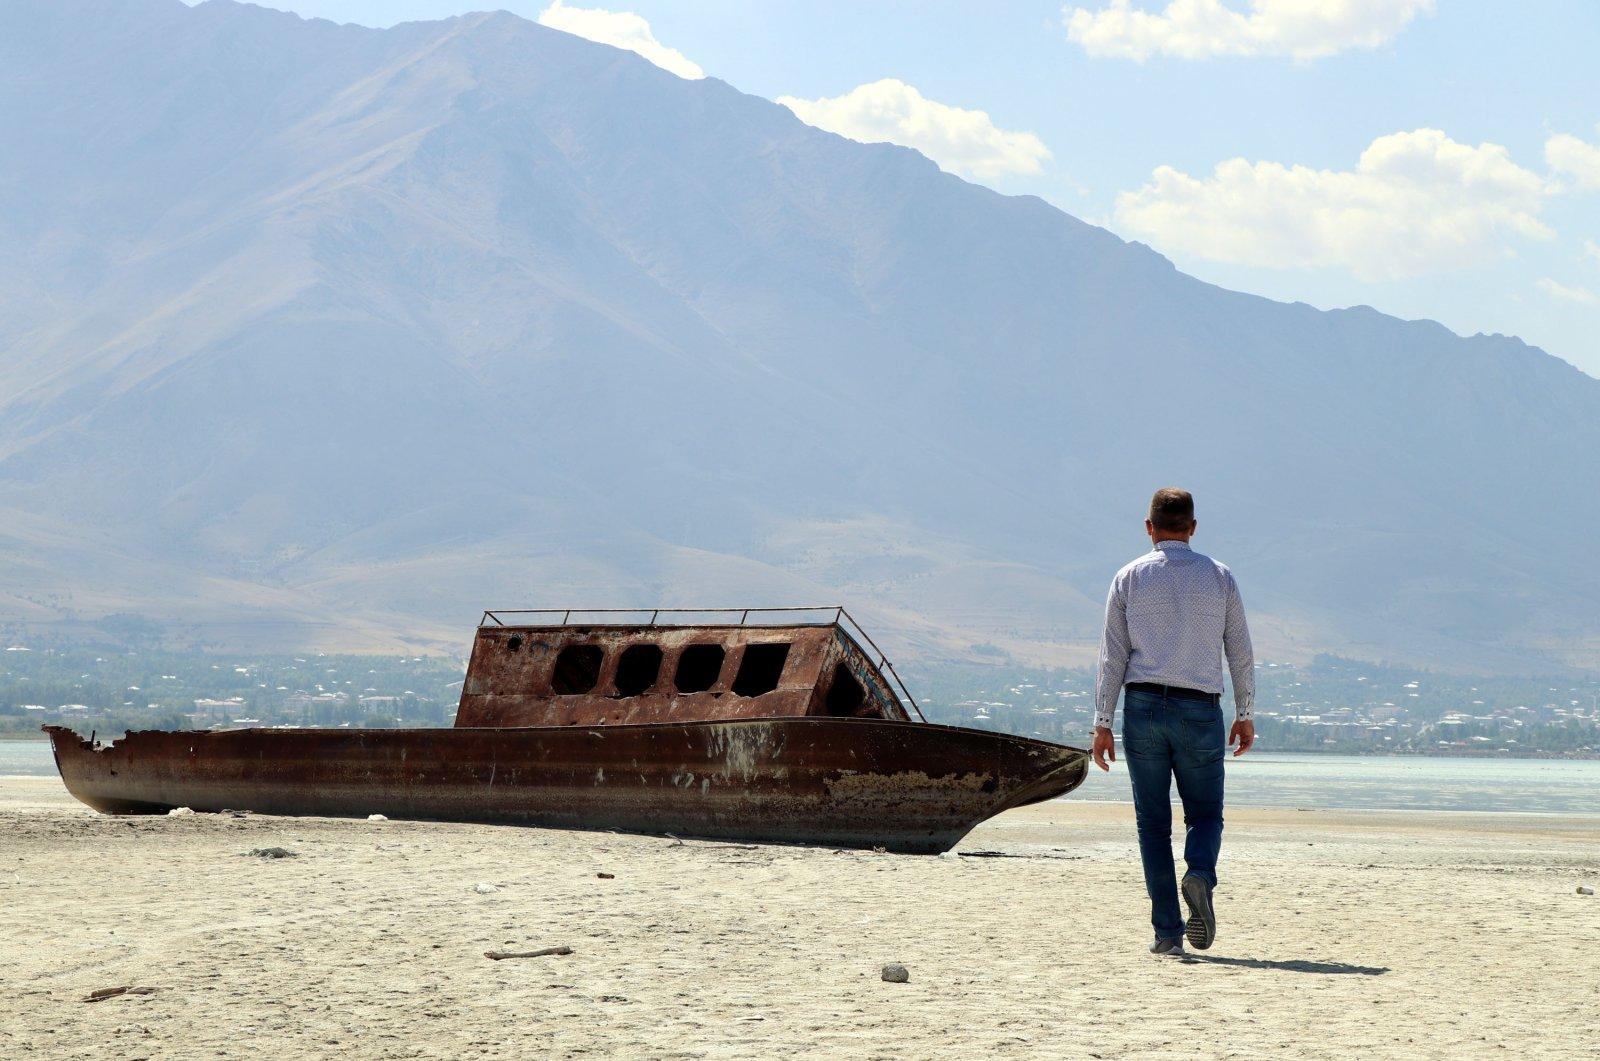 Professor Faruk Alaeddinoğlu of Van Yüzüncü Yıl University walks toward an old fishing boat that ran aground as water levels decreased in Lake Van, Van province, eastern Turkey, Sept. 15, 2020. (DHA Photo)